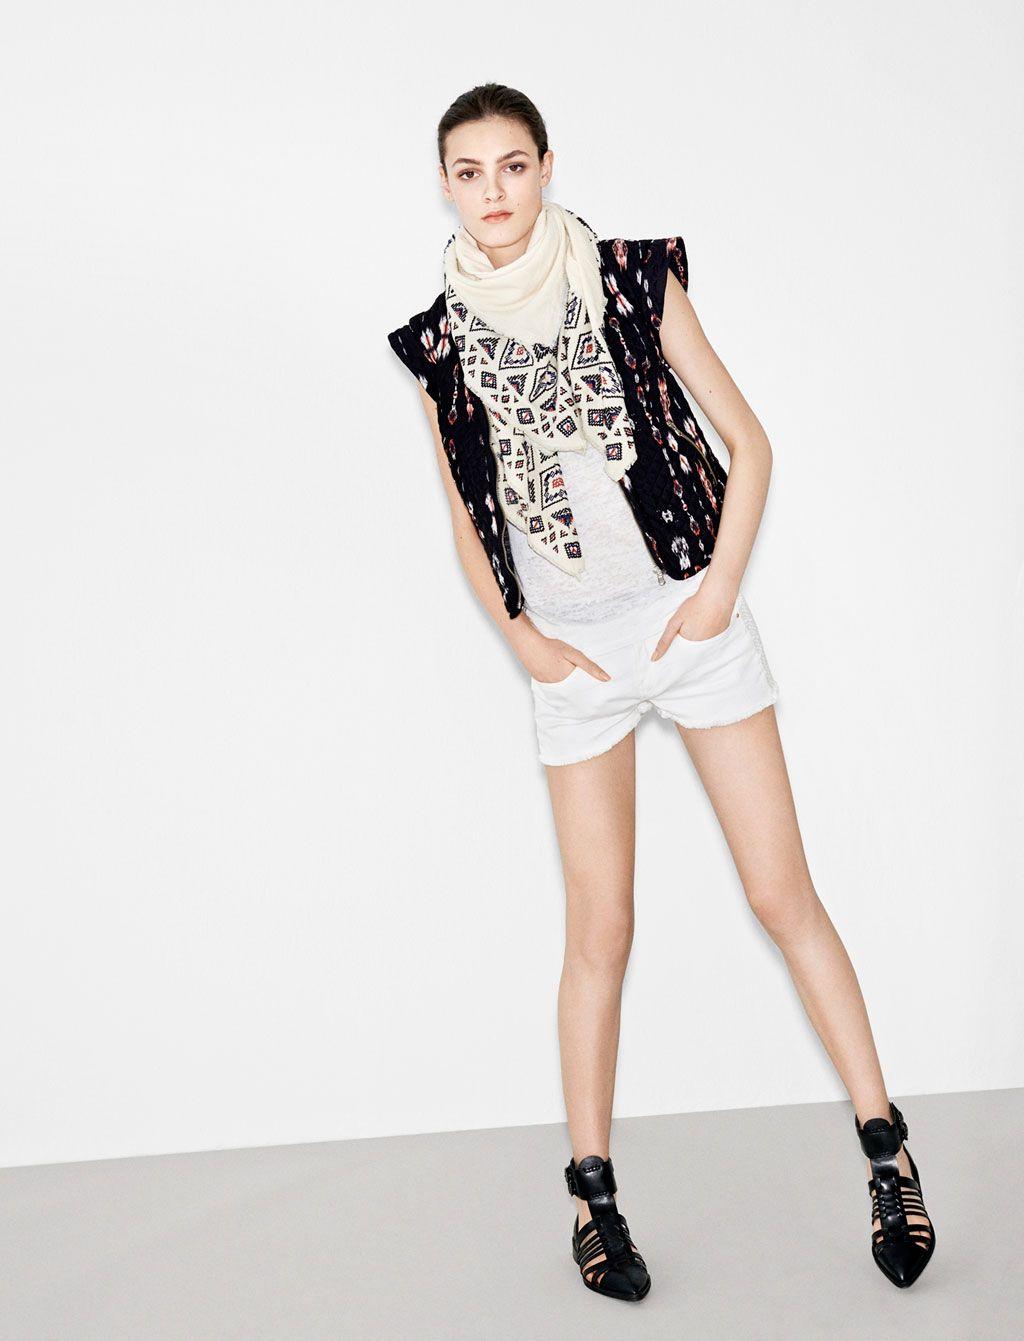 a03e276157 zara lookbook, feb (shoes!)   Fashion and Beauty   Fashion, Zara ...